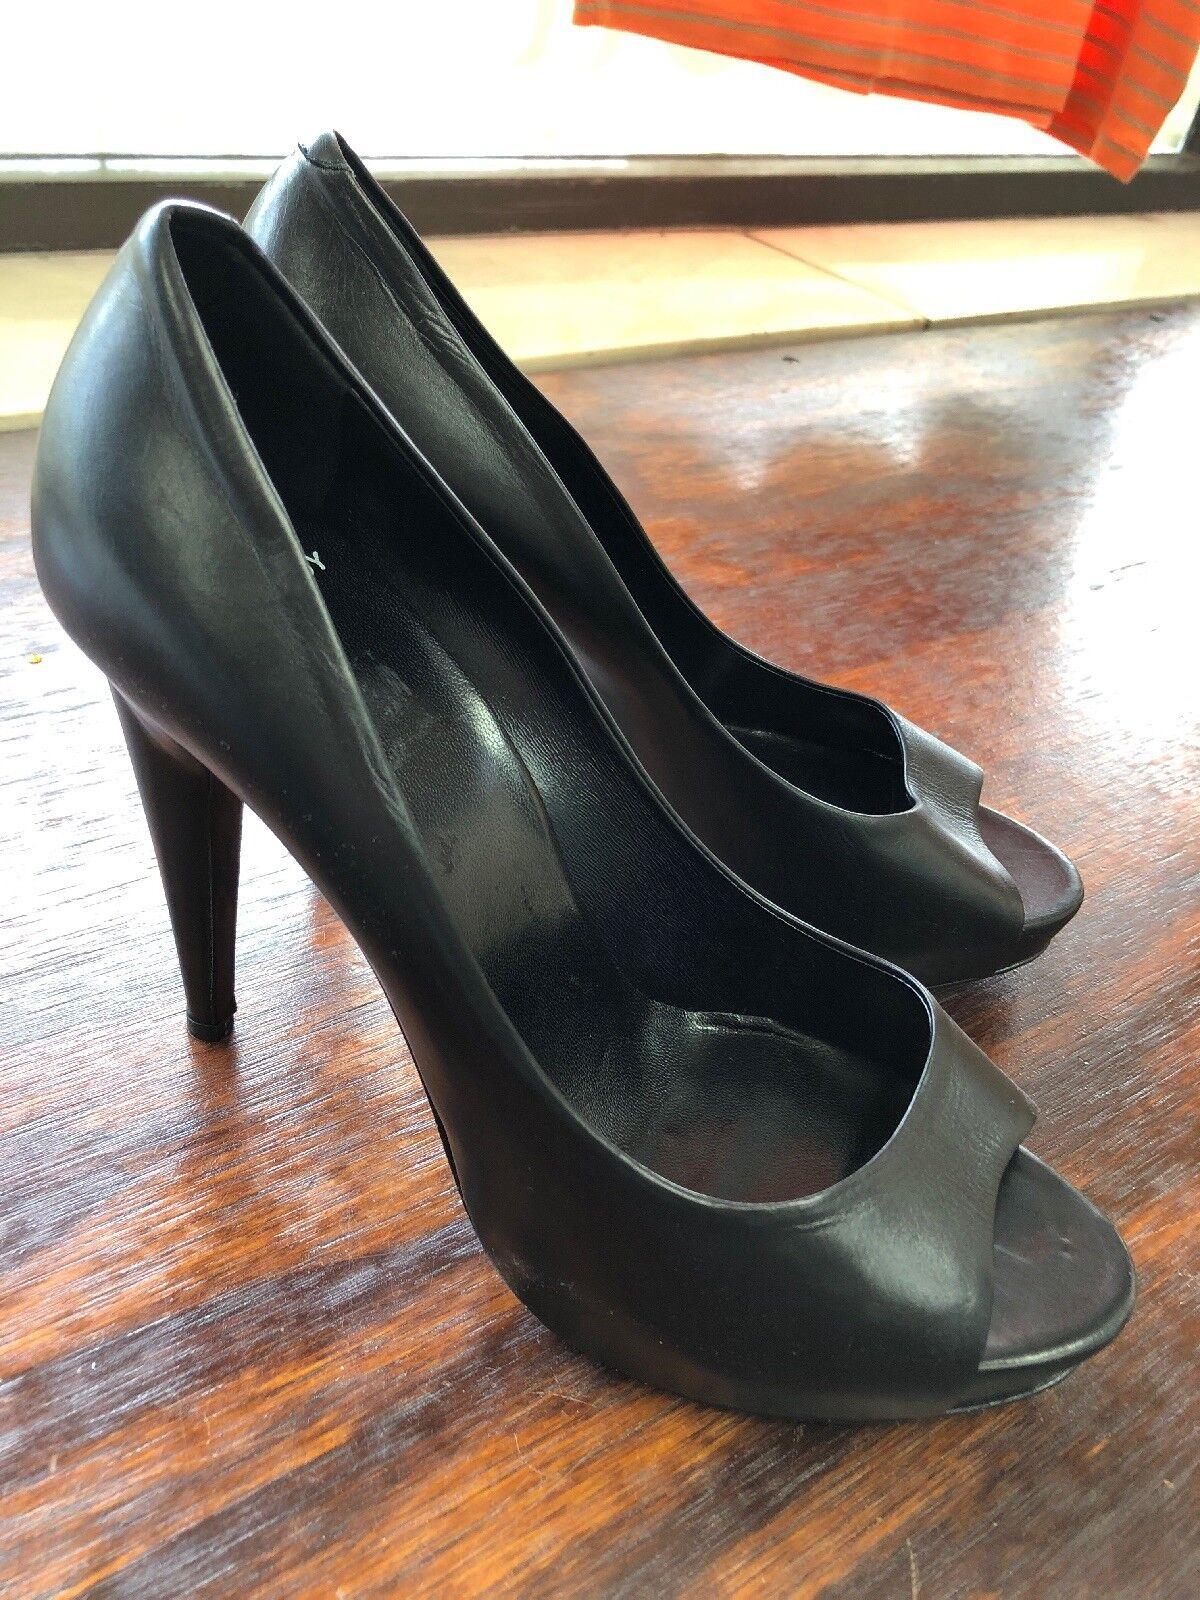 Pierre Pierre Pierre HARDY Zapatos De Salón Cuero Negro Sin Puntera Talla 39.5 (nunca Usado)  Venta al por mayor barato y de alta calidad.